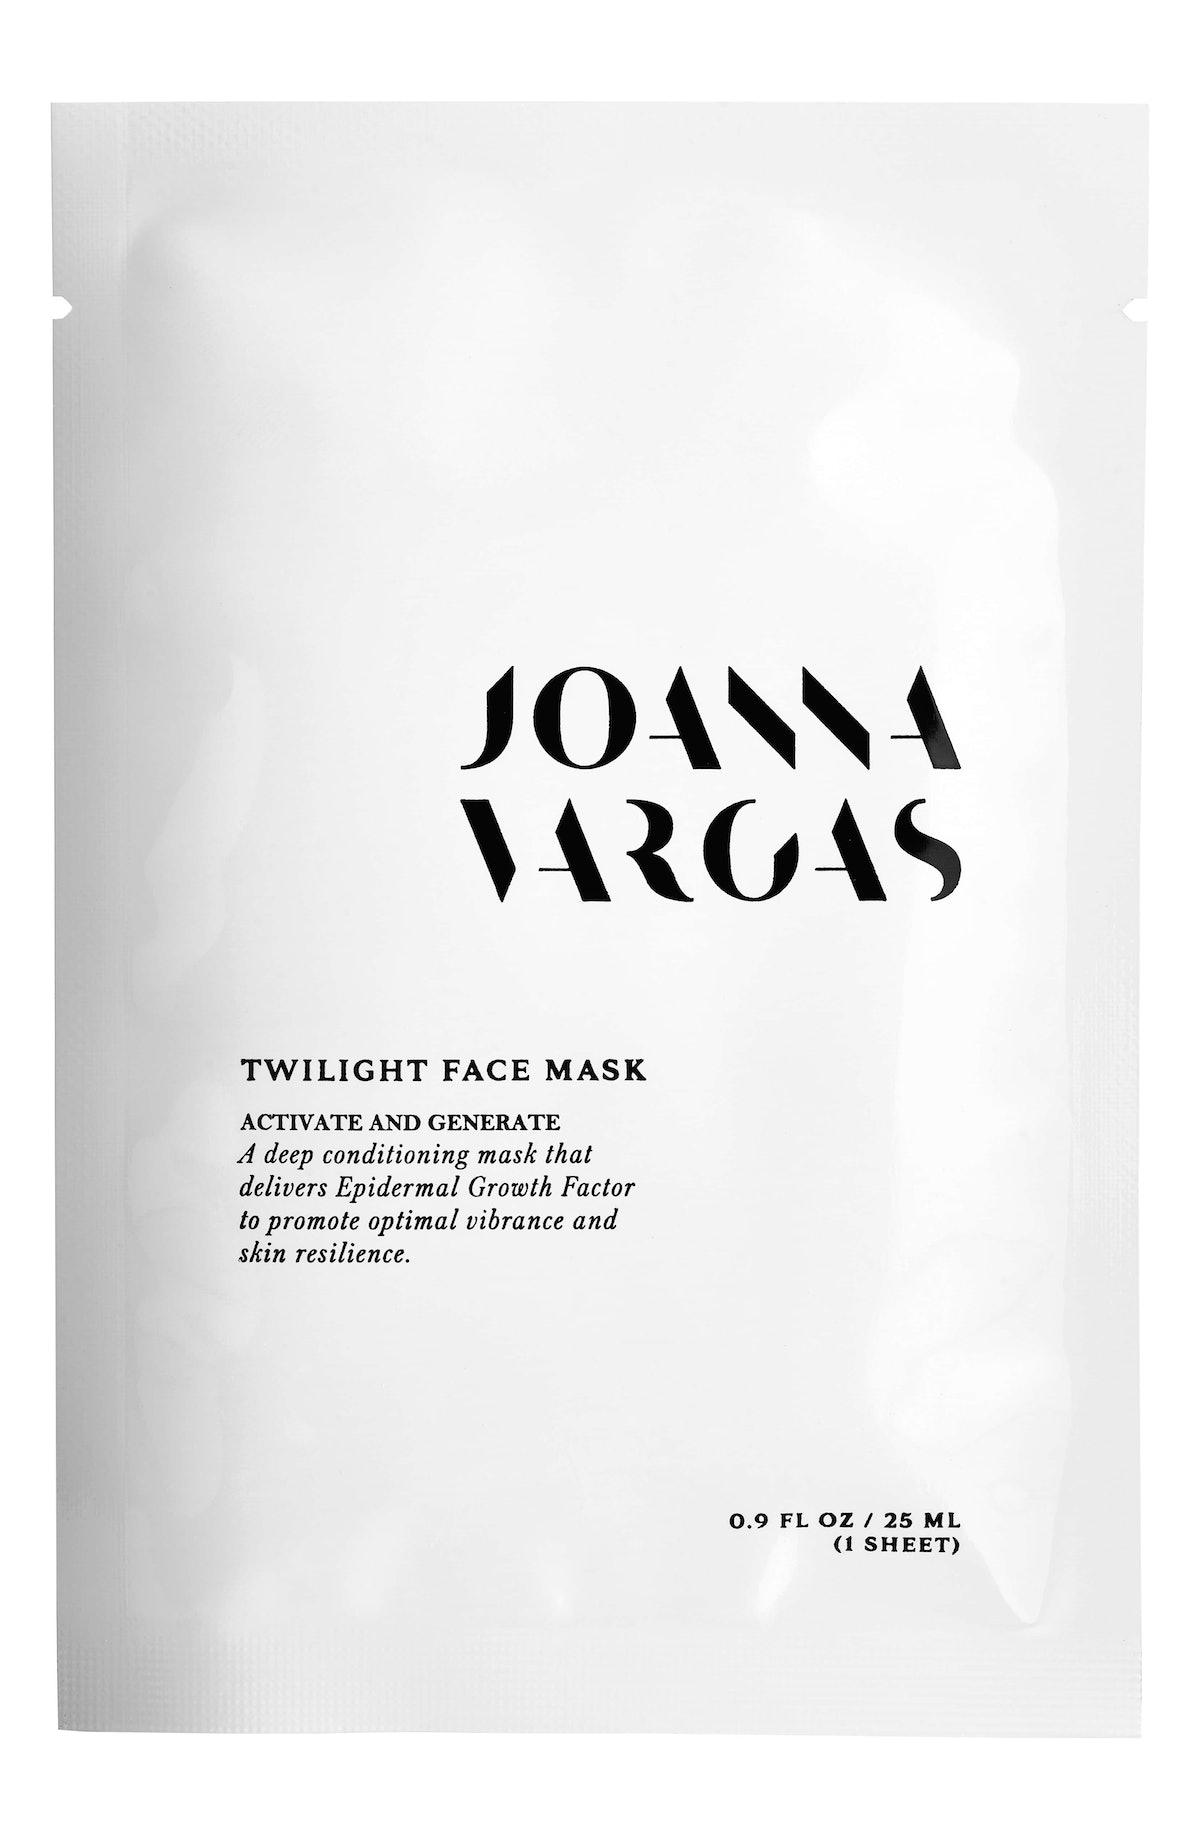 Joanna Vargas Twilight Face Mask